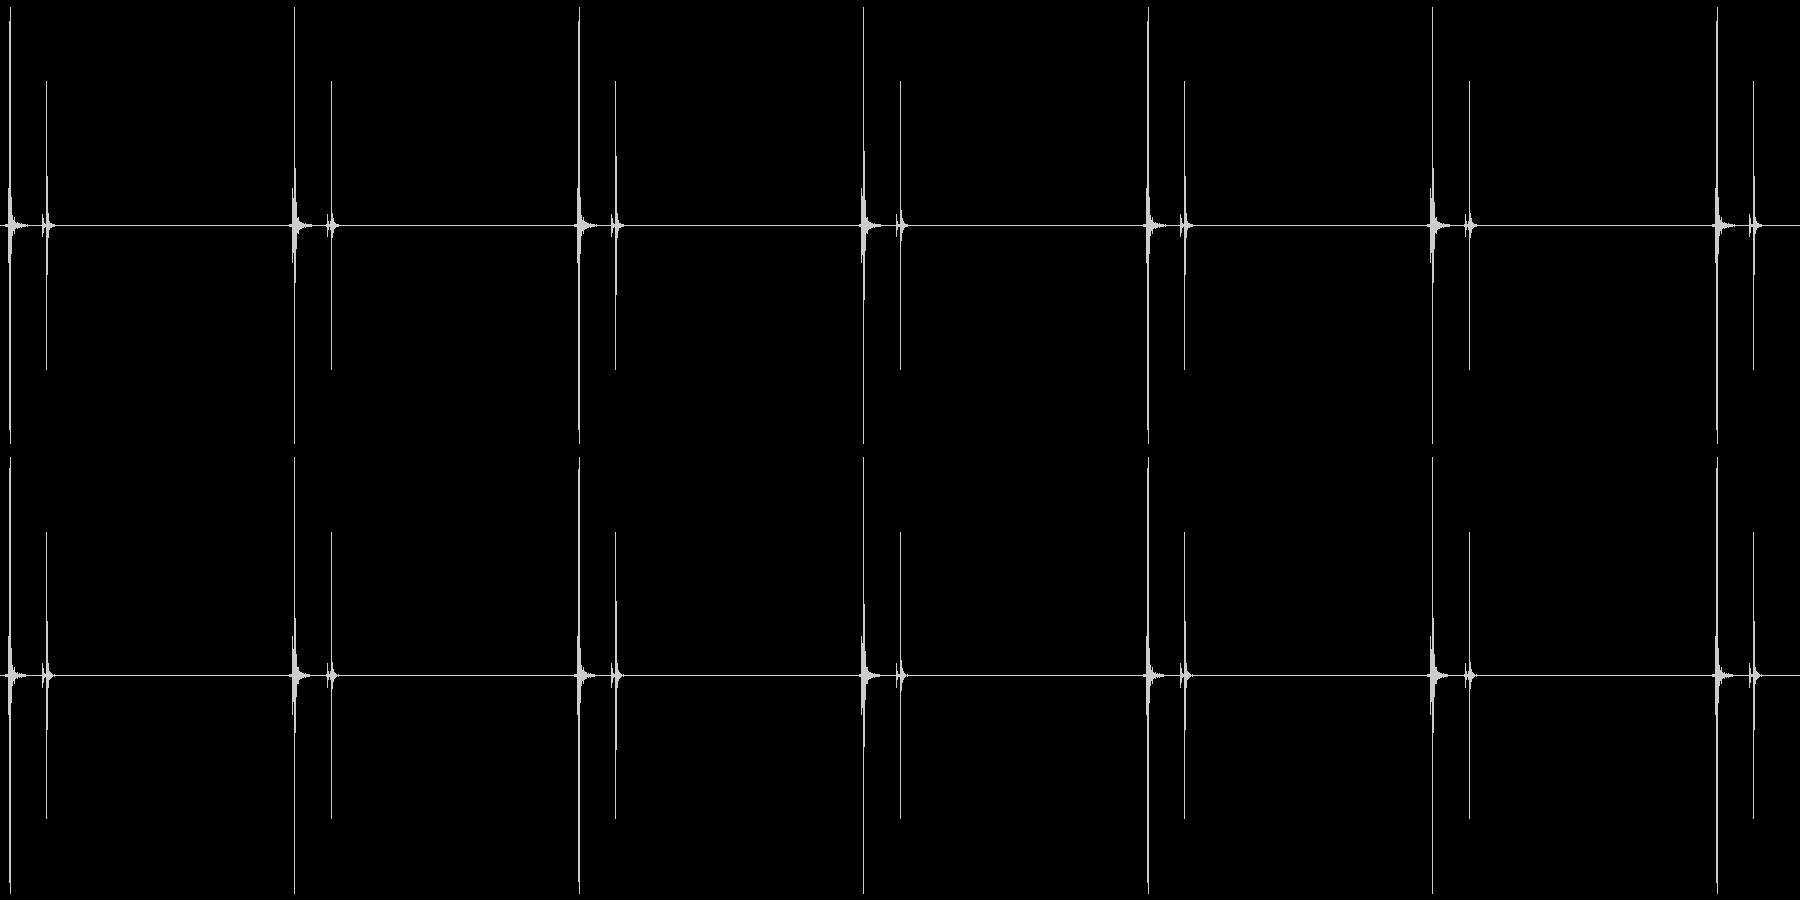 時計の秒針 シンプル系B  カチ、カチの未再生の波形